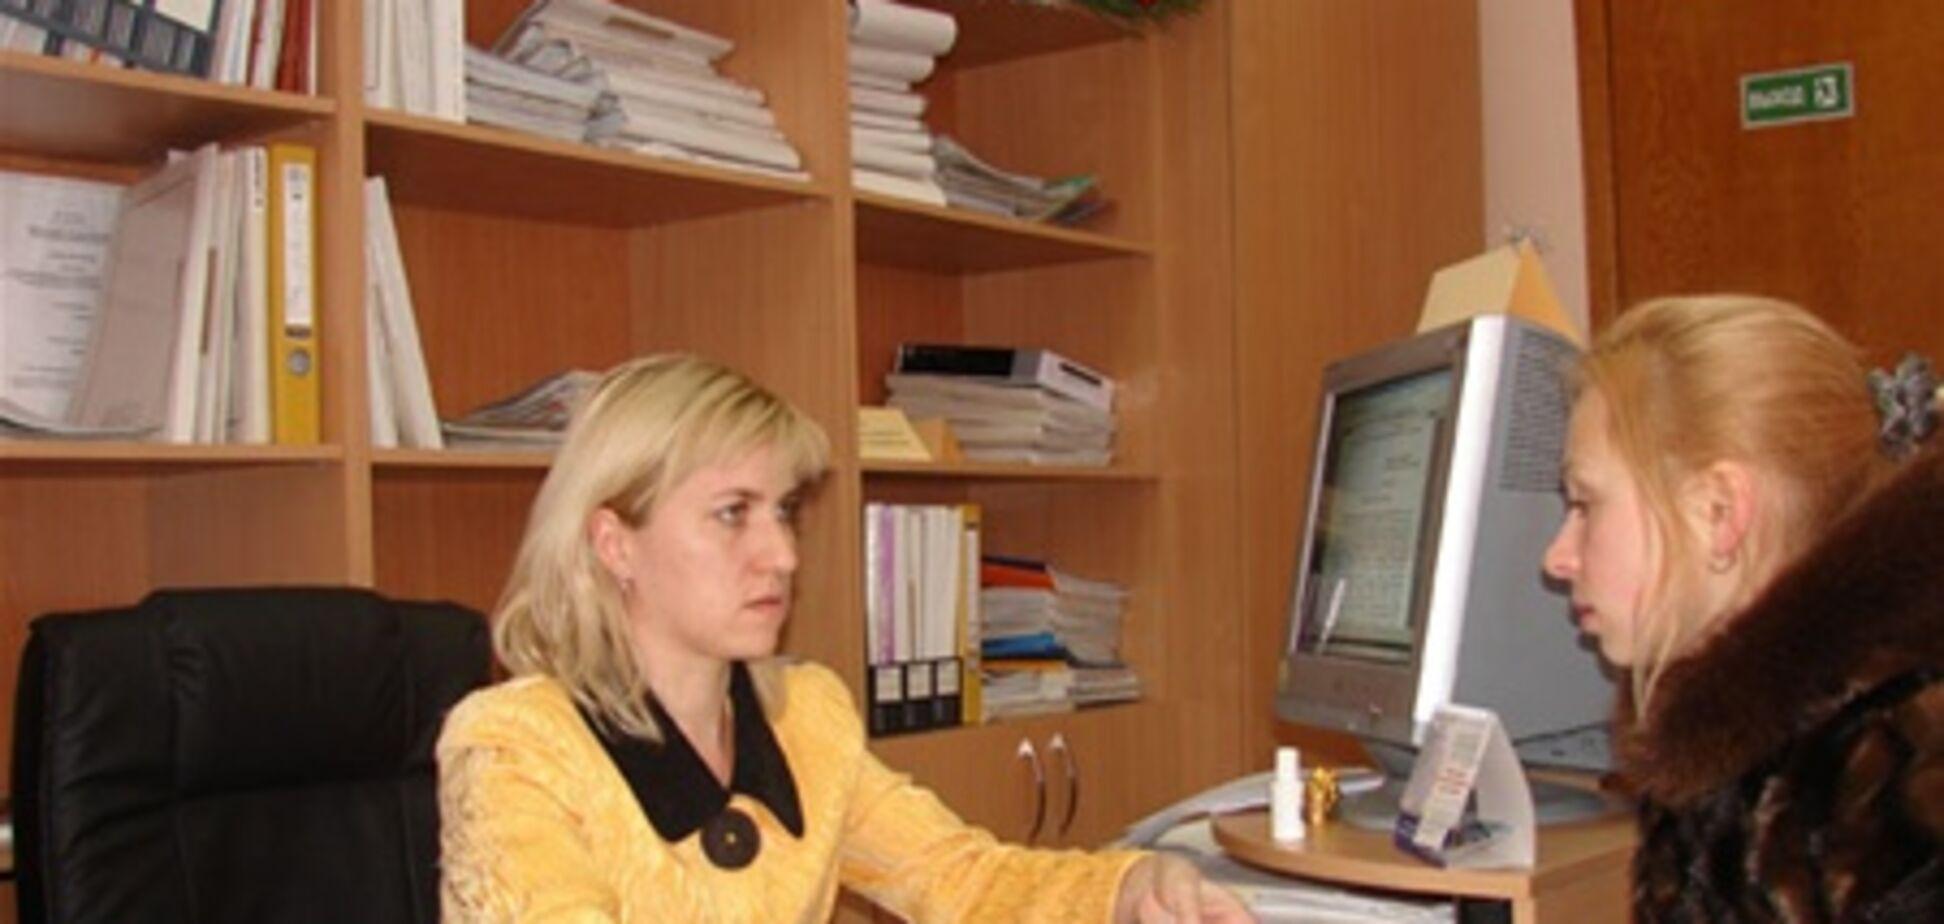 У роботі дозвільних центрів c 1 січня ввели принцип 'єдиного вікна'